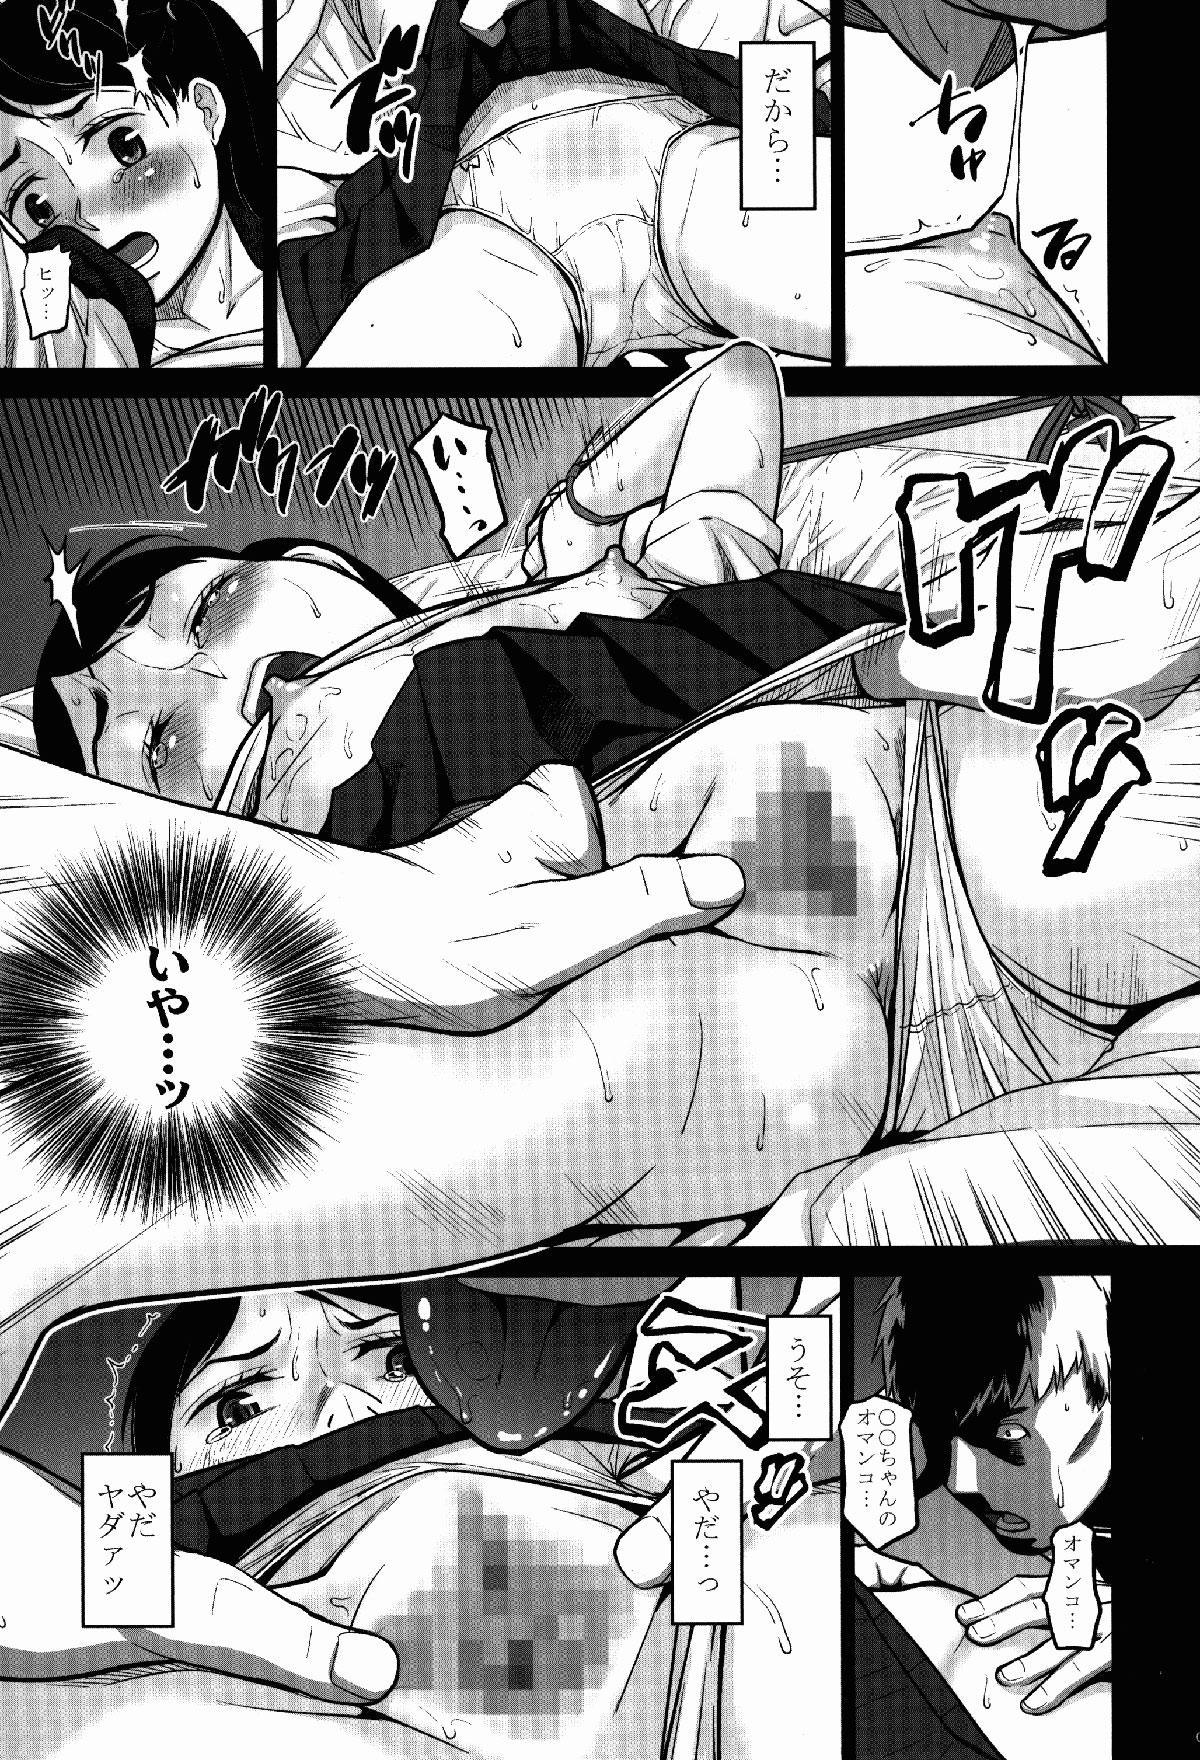 【エロ漫画】黒髪のJSを車内に連れ込んでレイプ!!何度も処女まんこ犯されて中出しされるJS幼女www【無料 エロ同人誌】 (10)